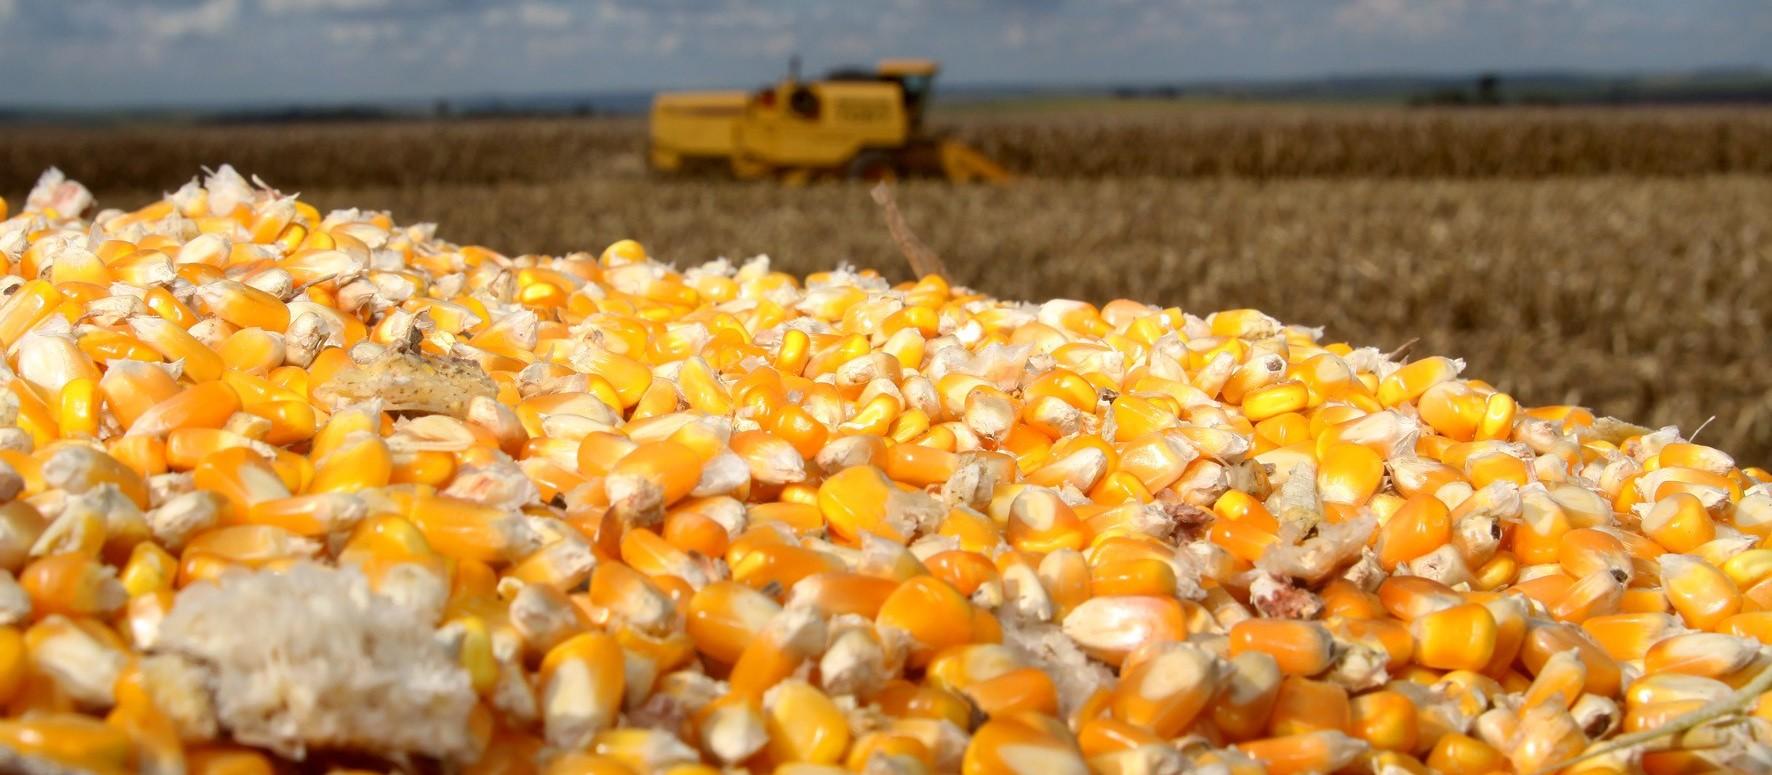 Saca do milho custa R$ 29,50 em Maringá e outras praças